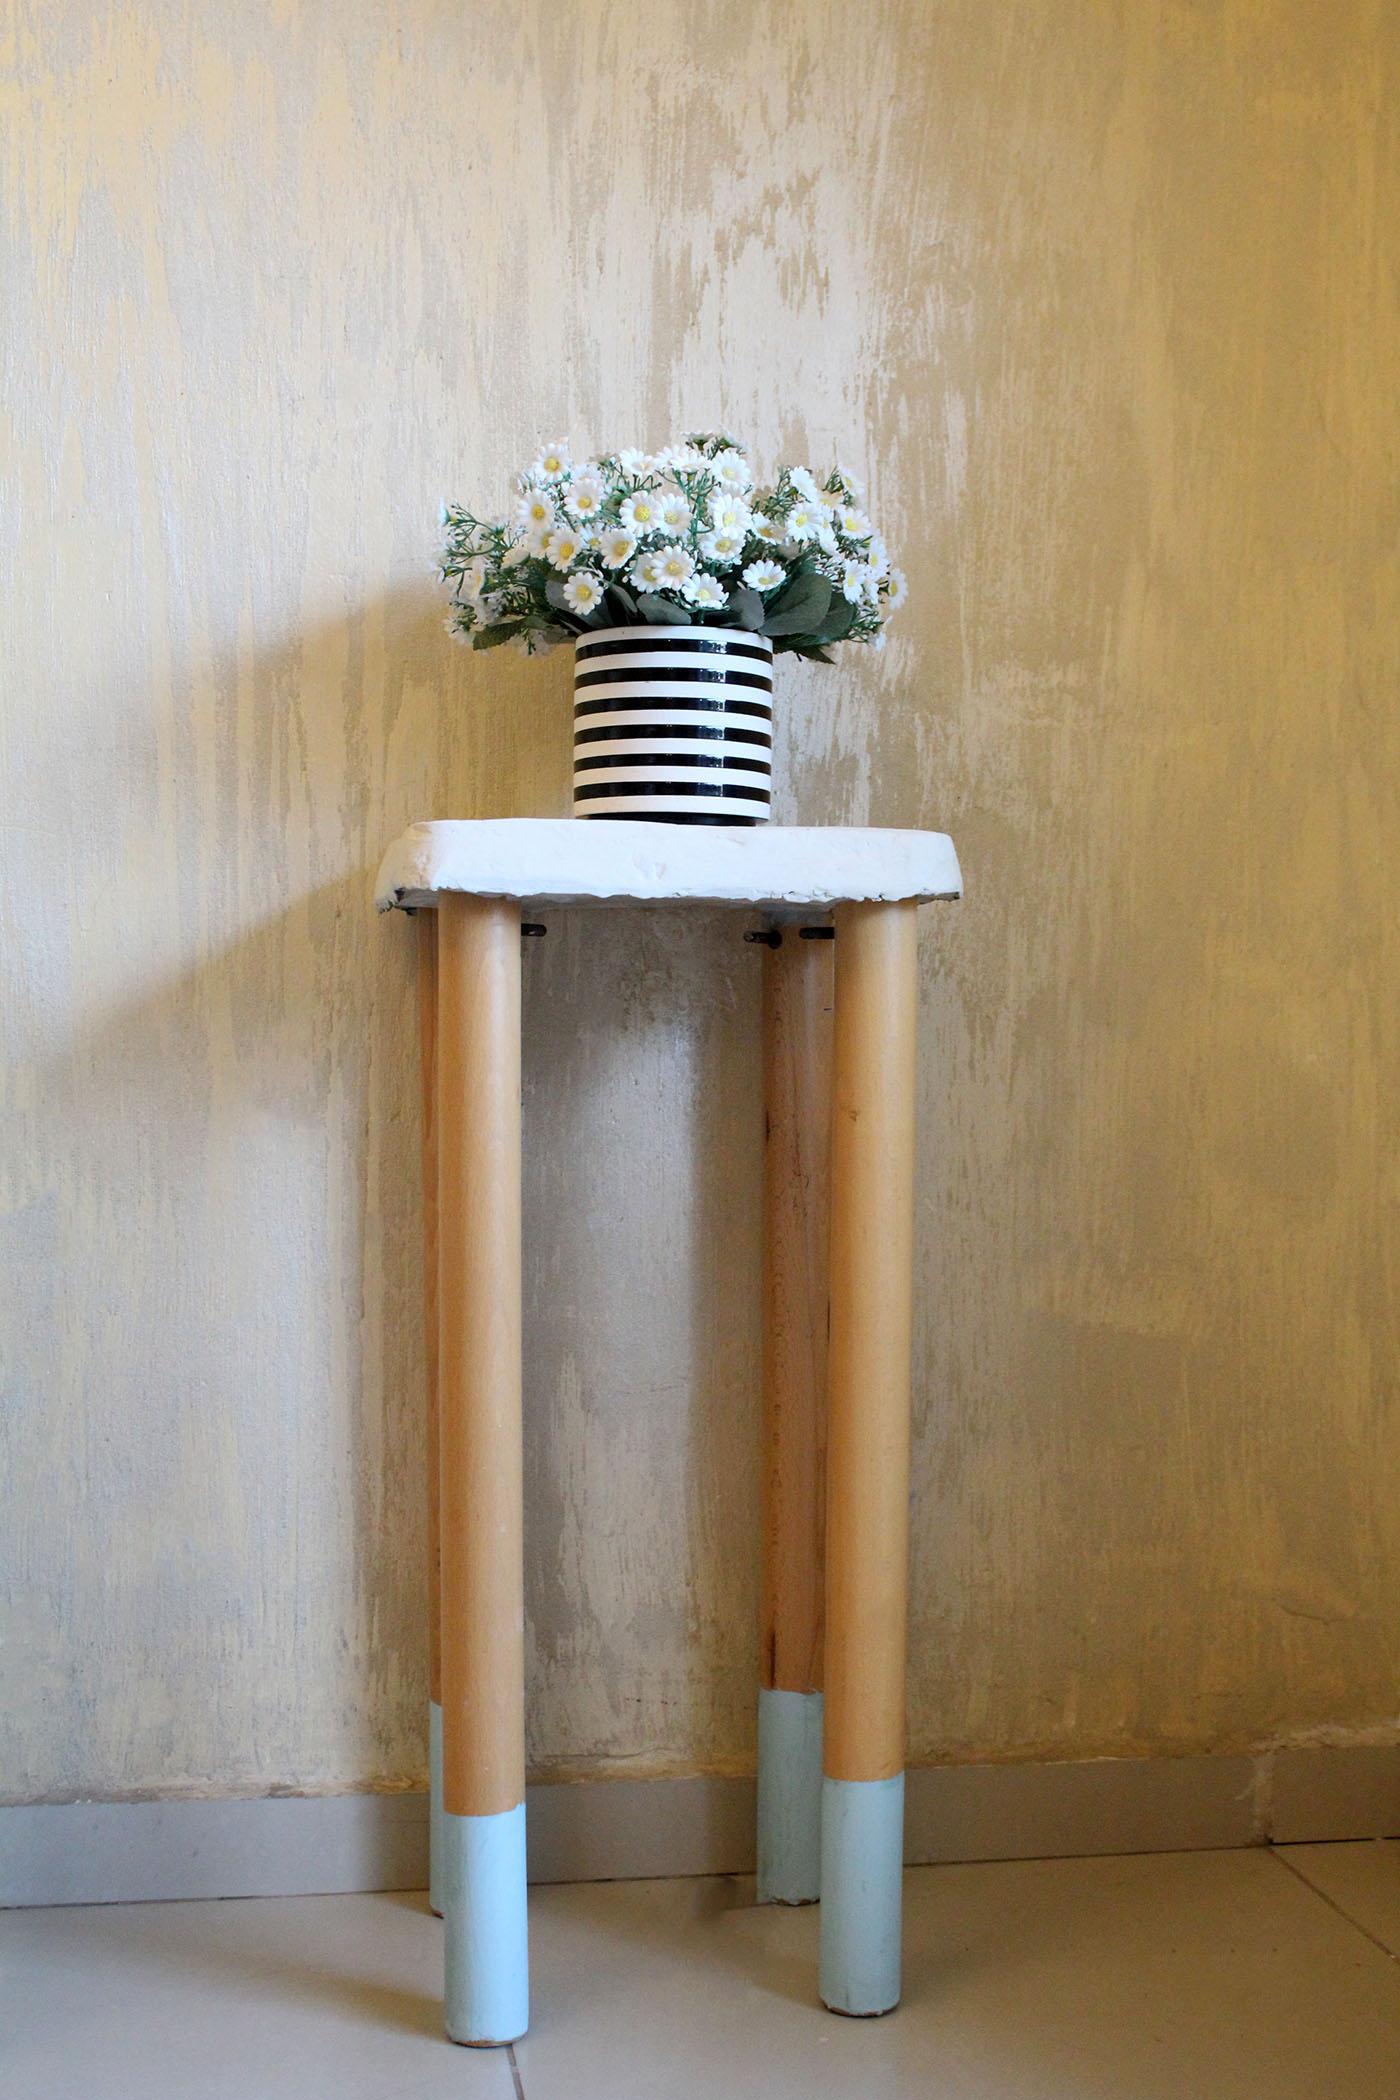 IMG 8937 1 - רהיטים קטנים ממלט